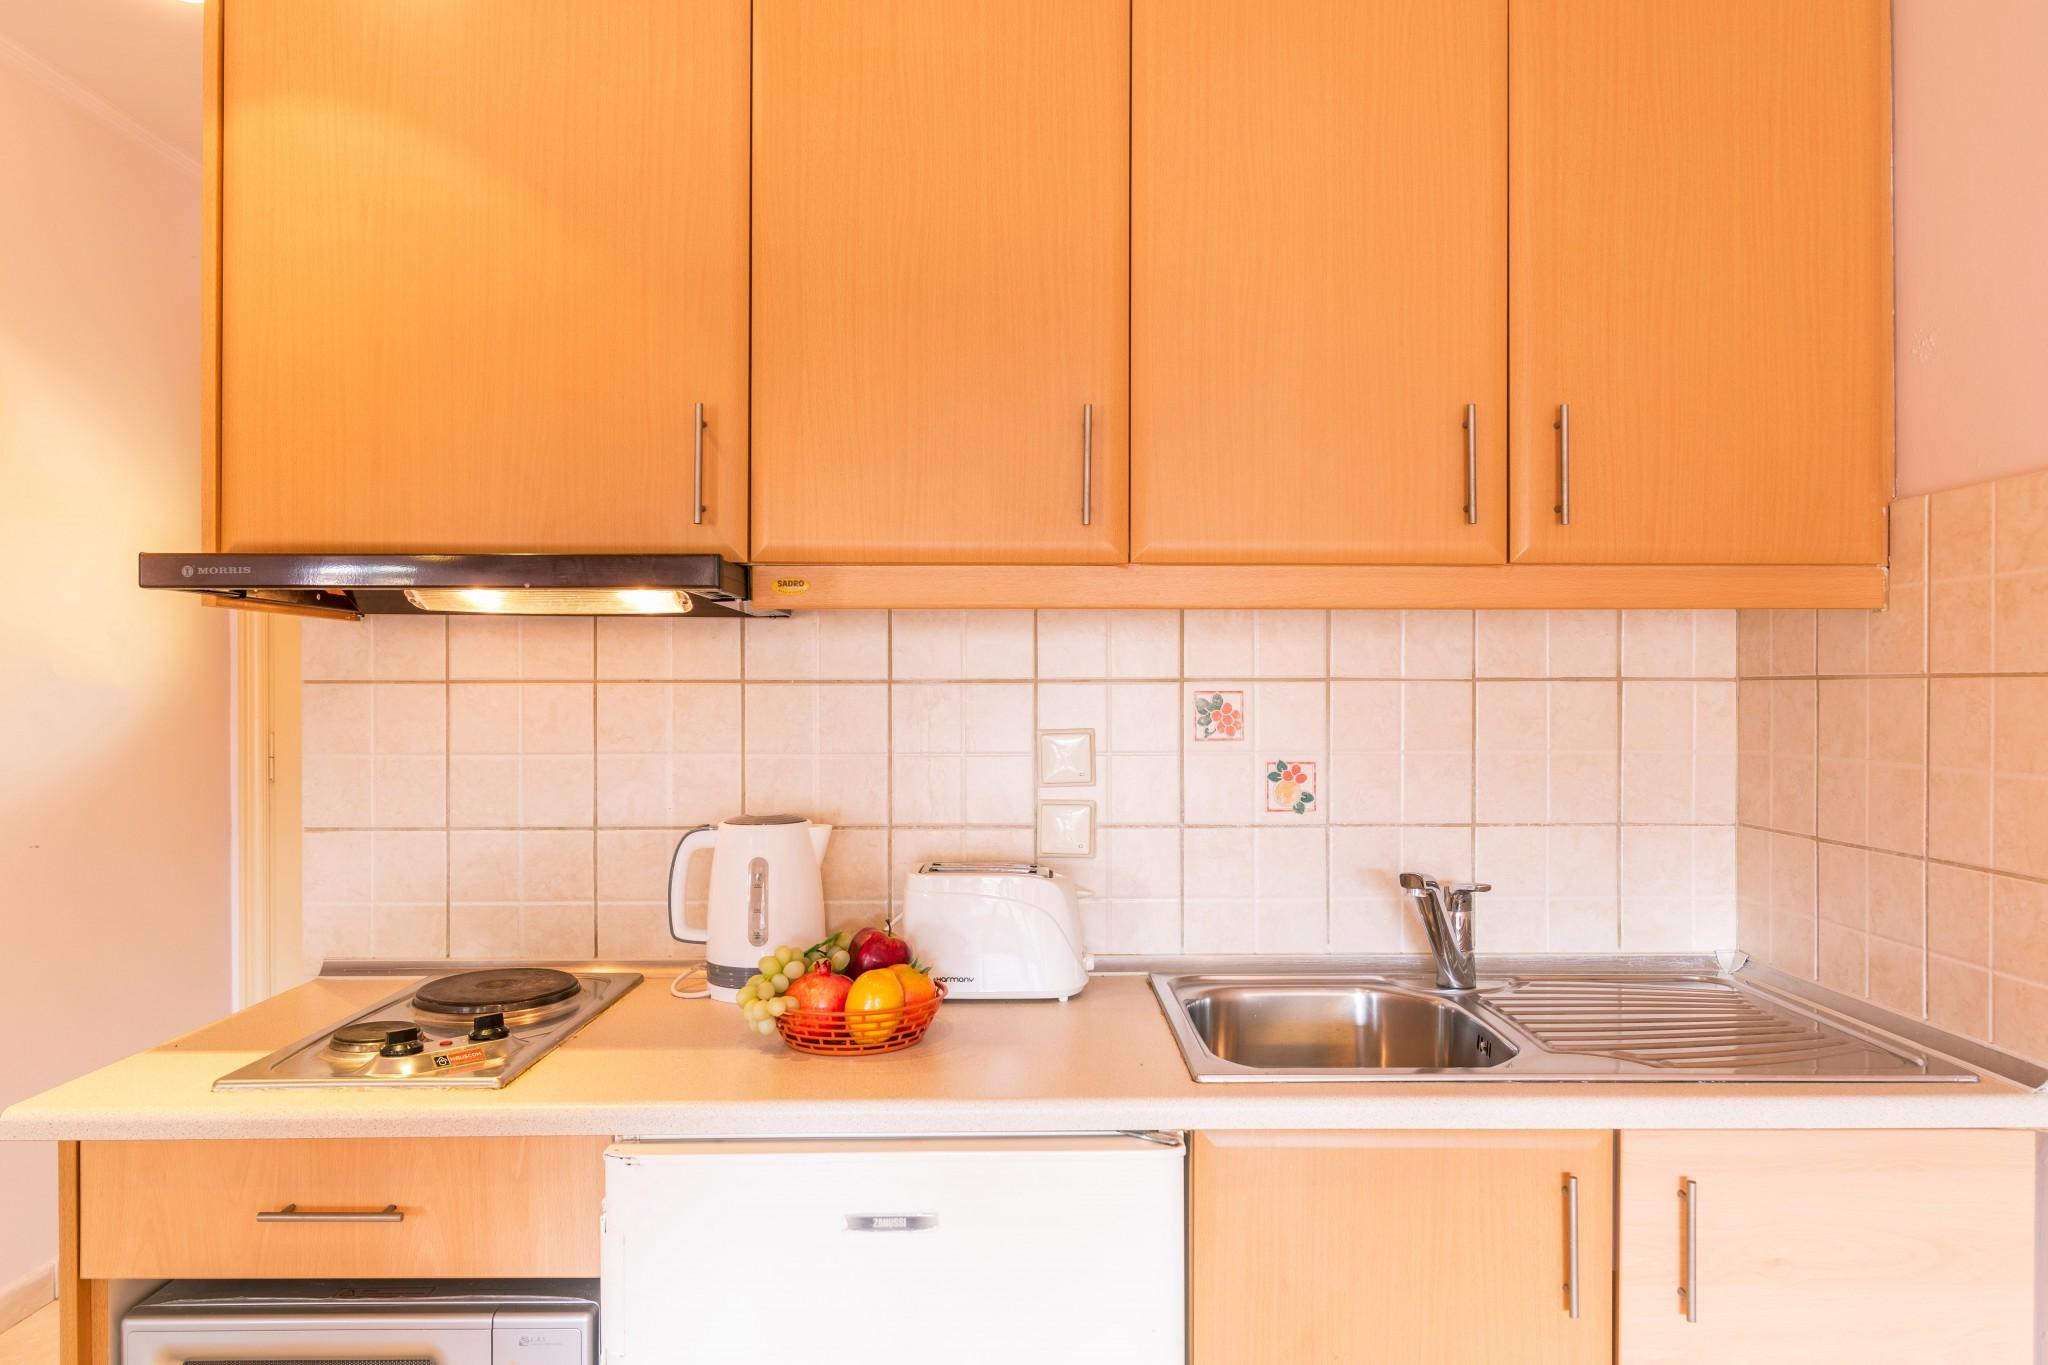 dominoes ipsos corfu apartments